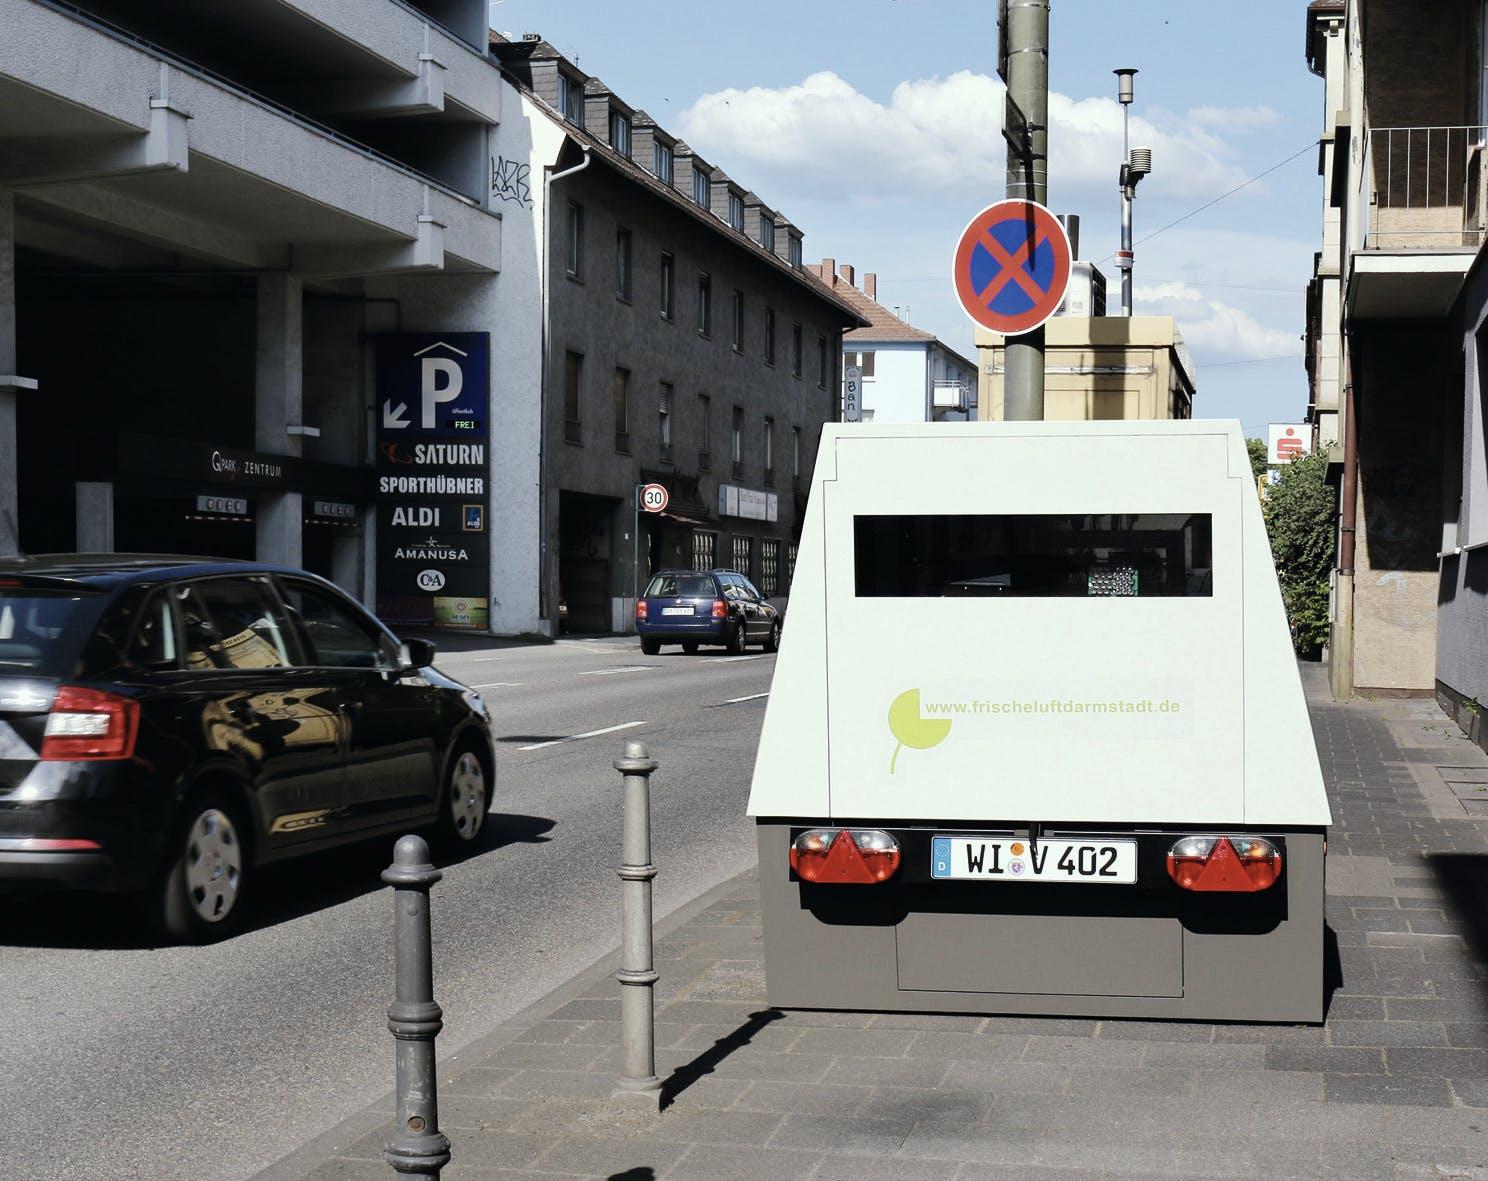 Frische Luft in Darmstadt